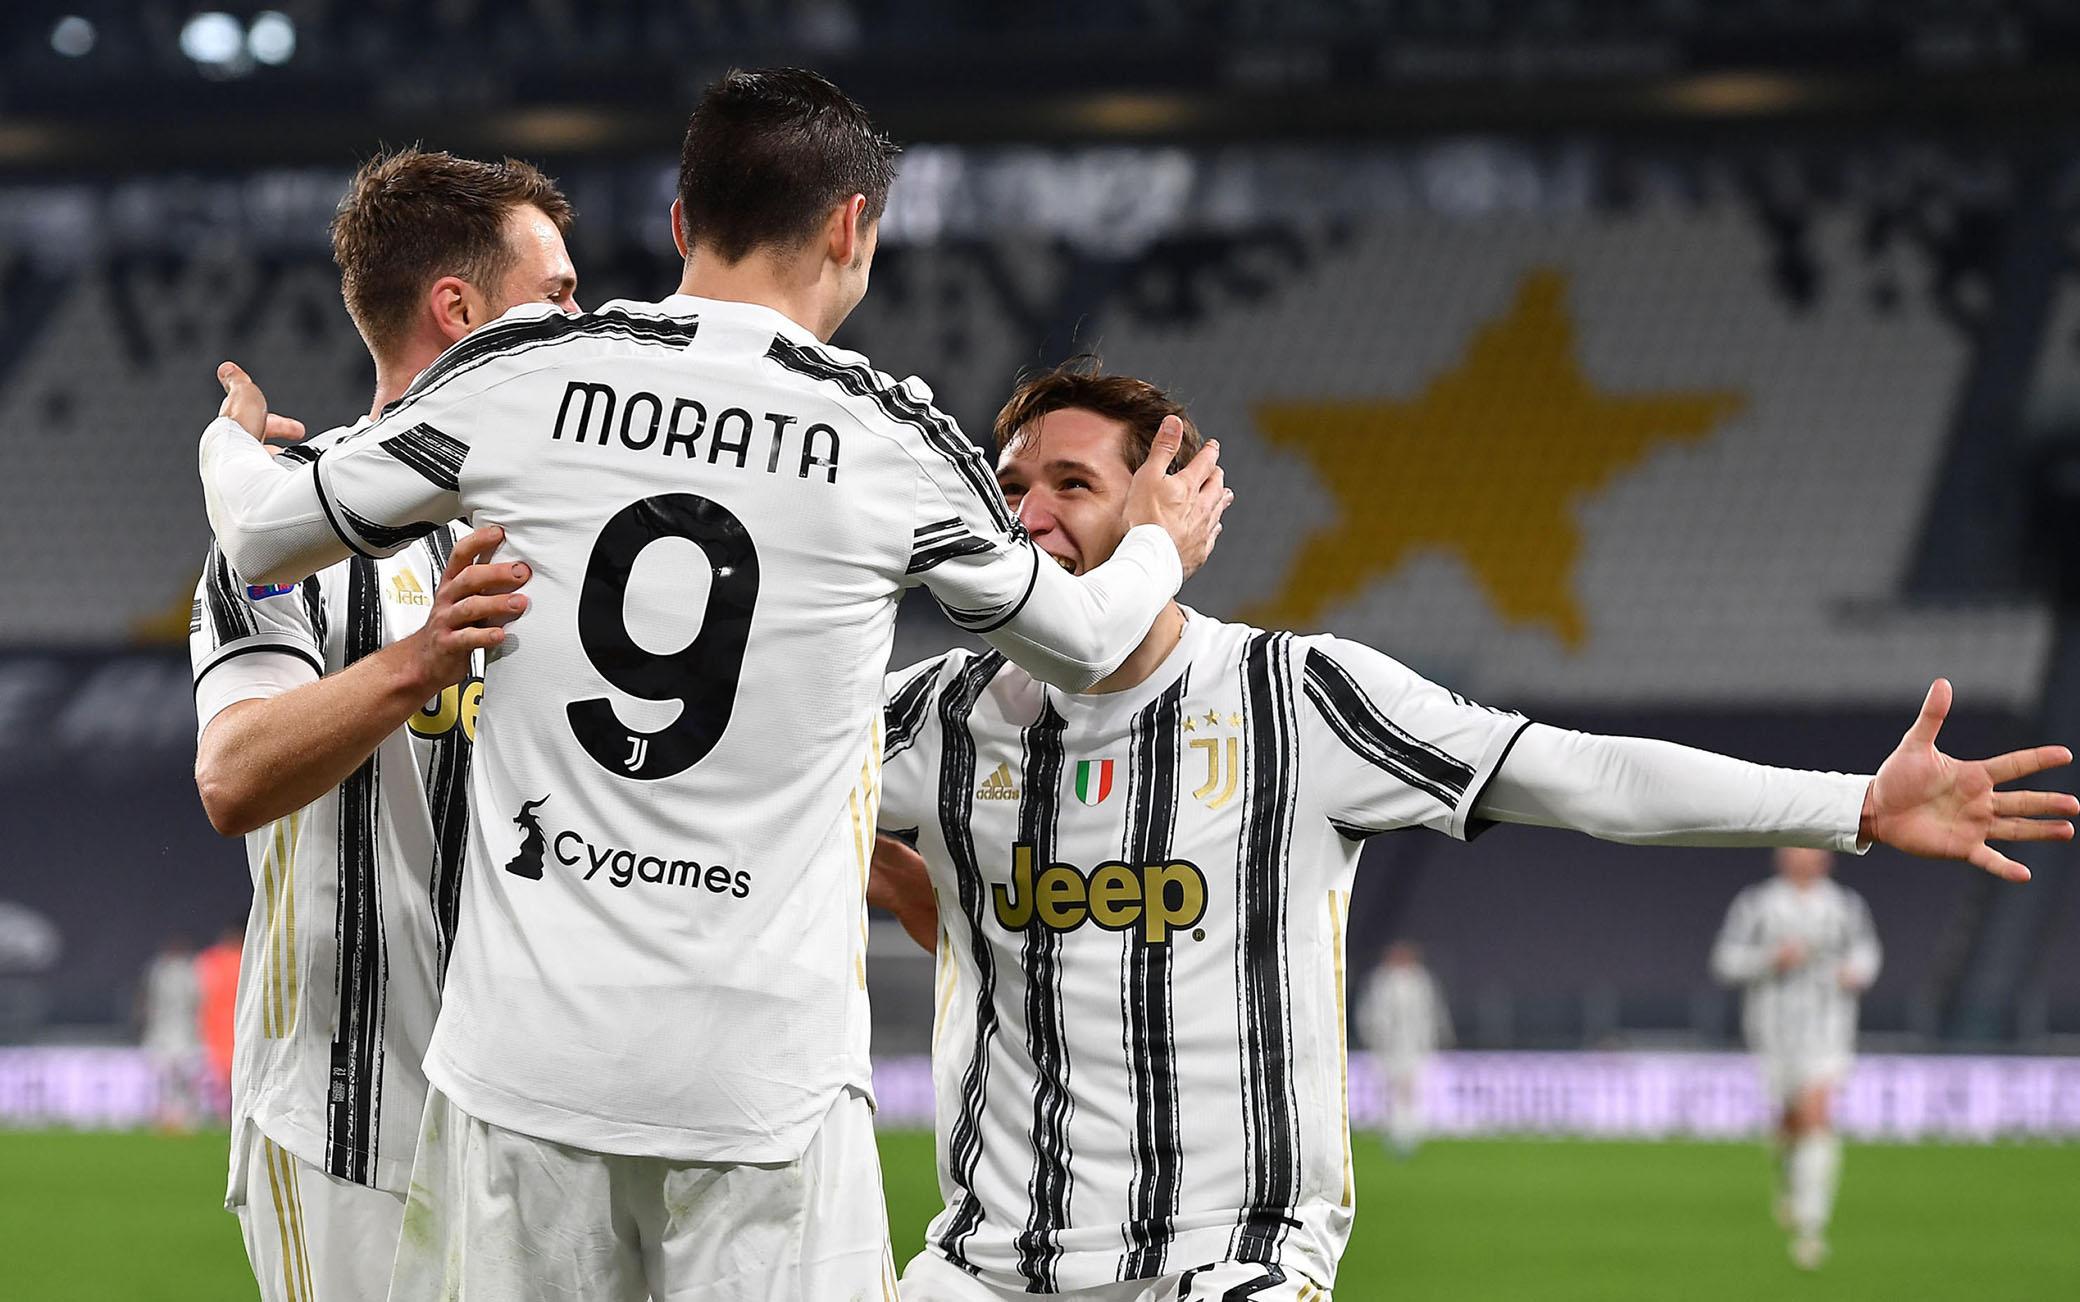 Juve Lazio 3-1, gol e highlights. Doppietta di Morata, Pirlo vince ancora e  aspetta il Porto | Sky Sport